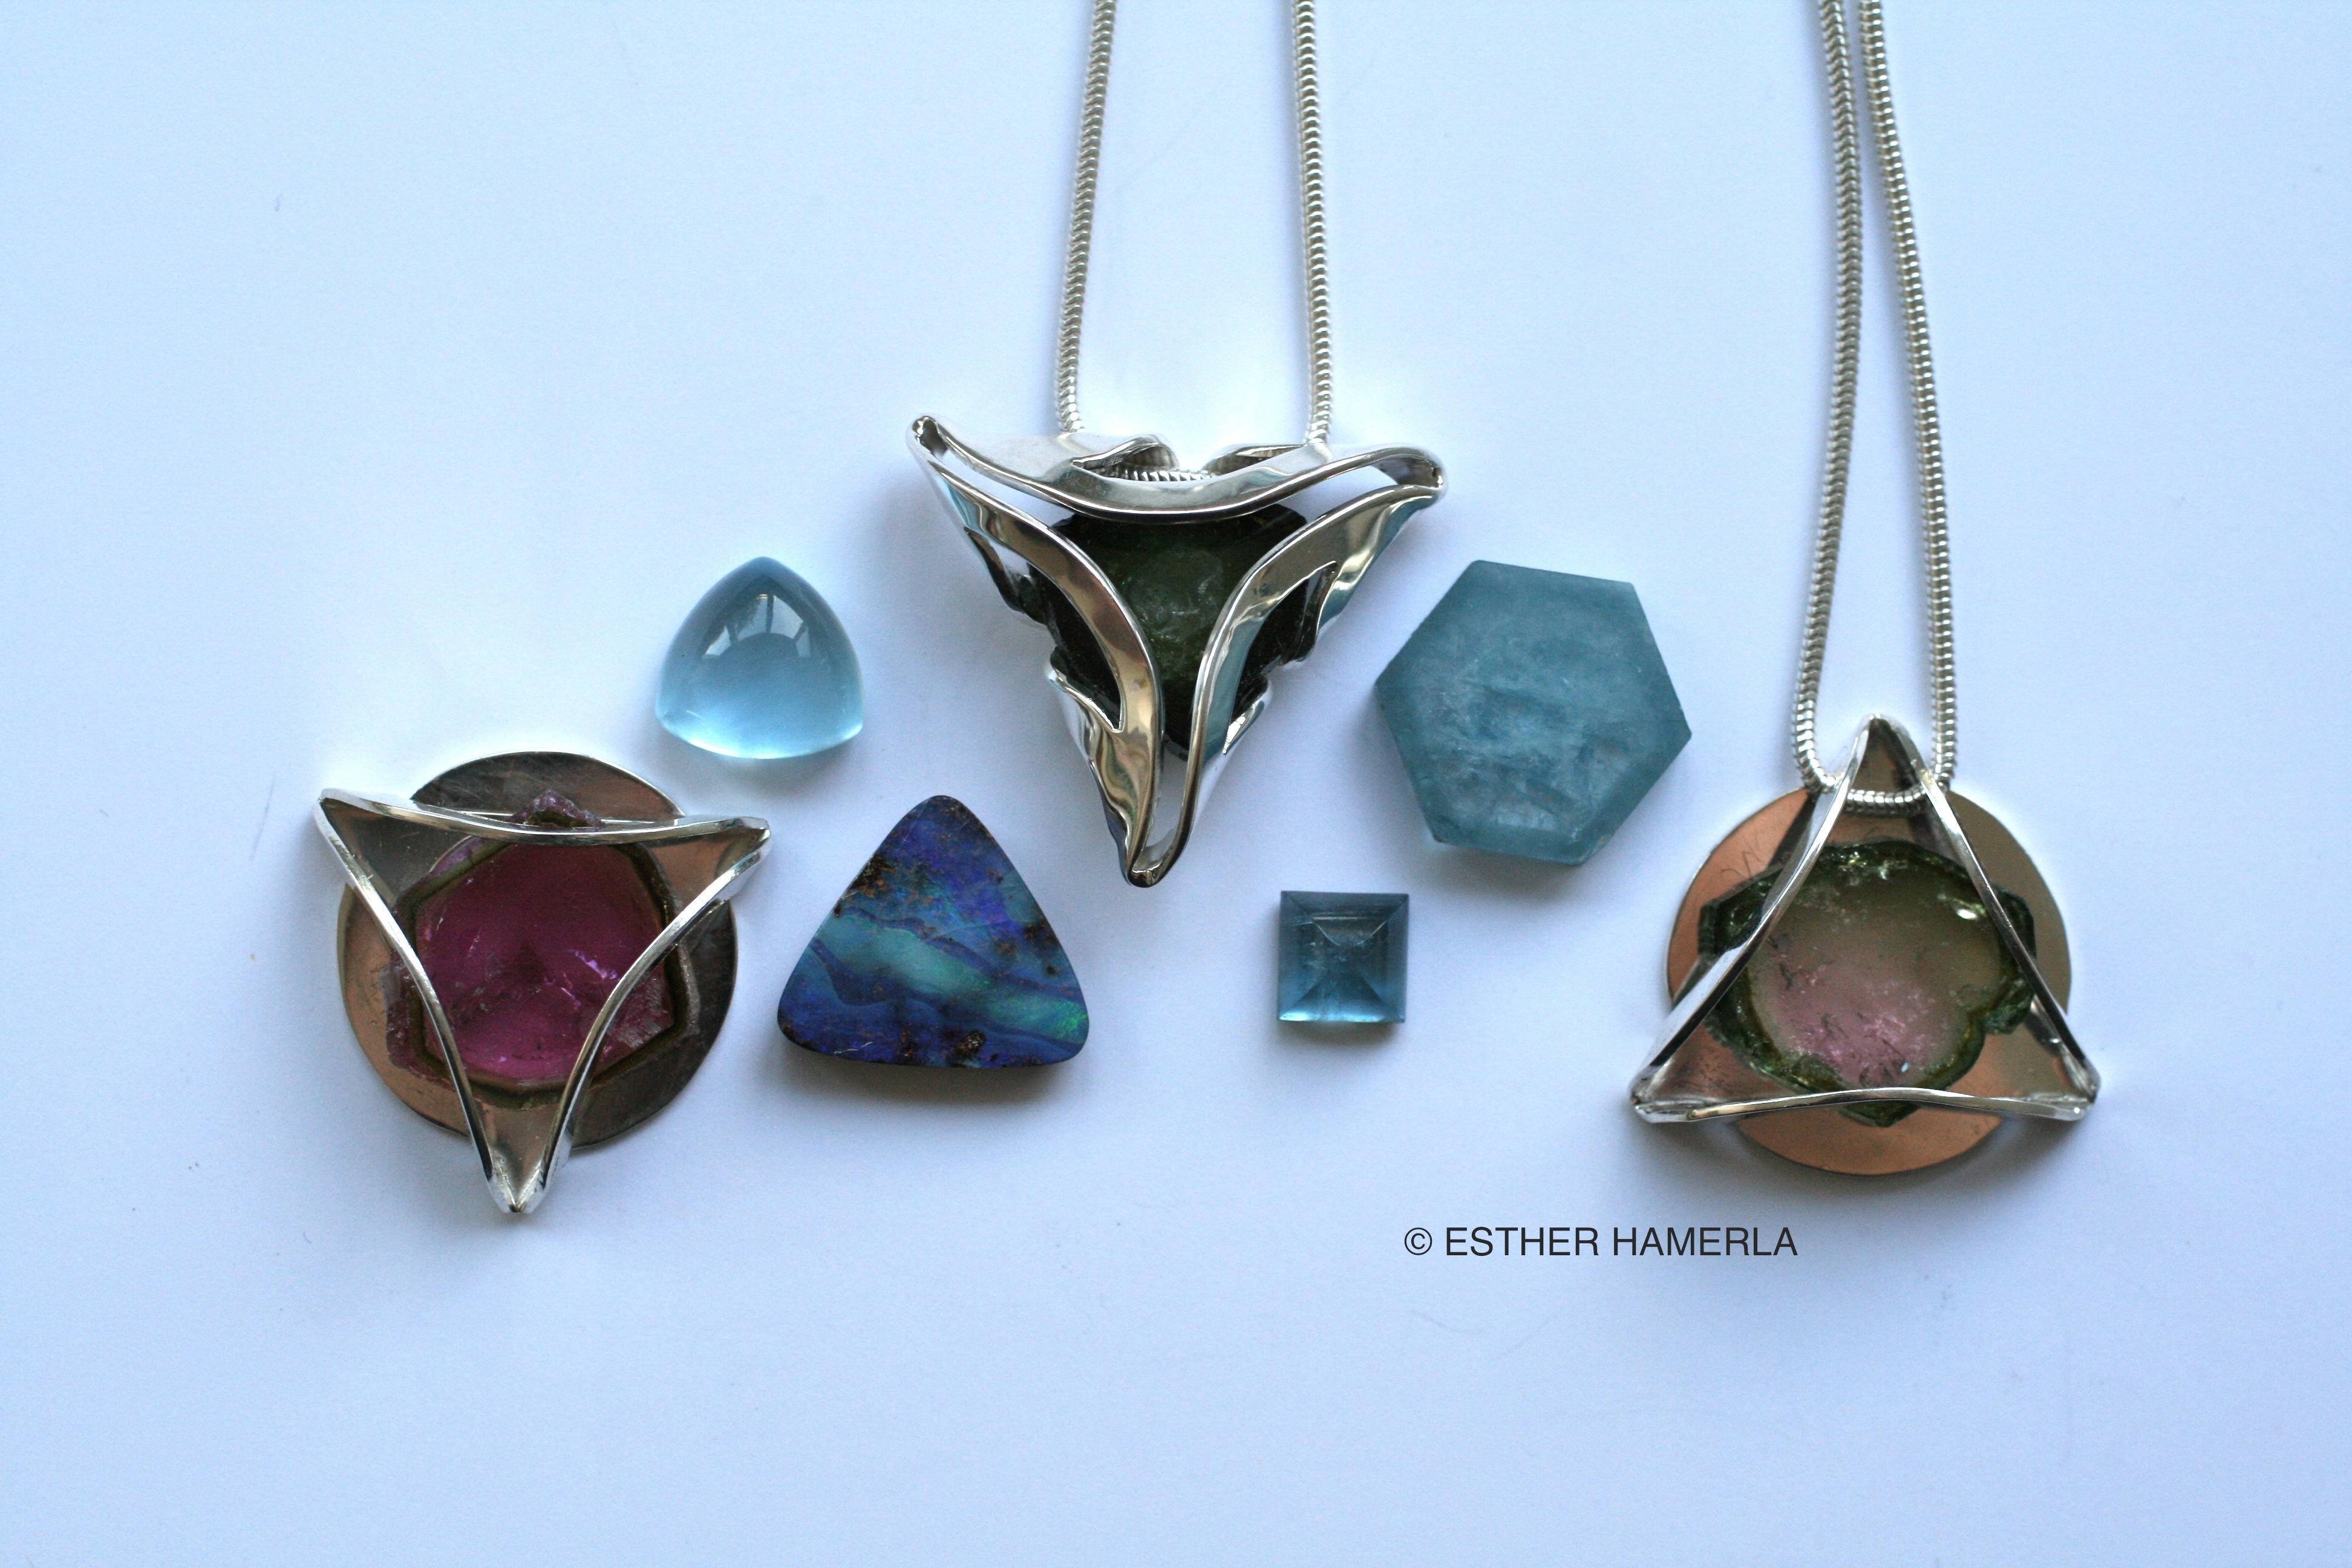 Esther-Hamerla-creatrice-Paris-pierres-precieux